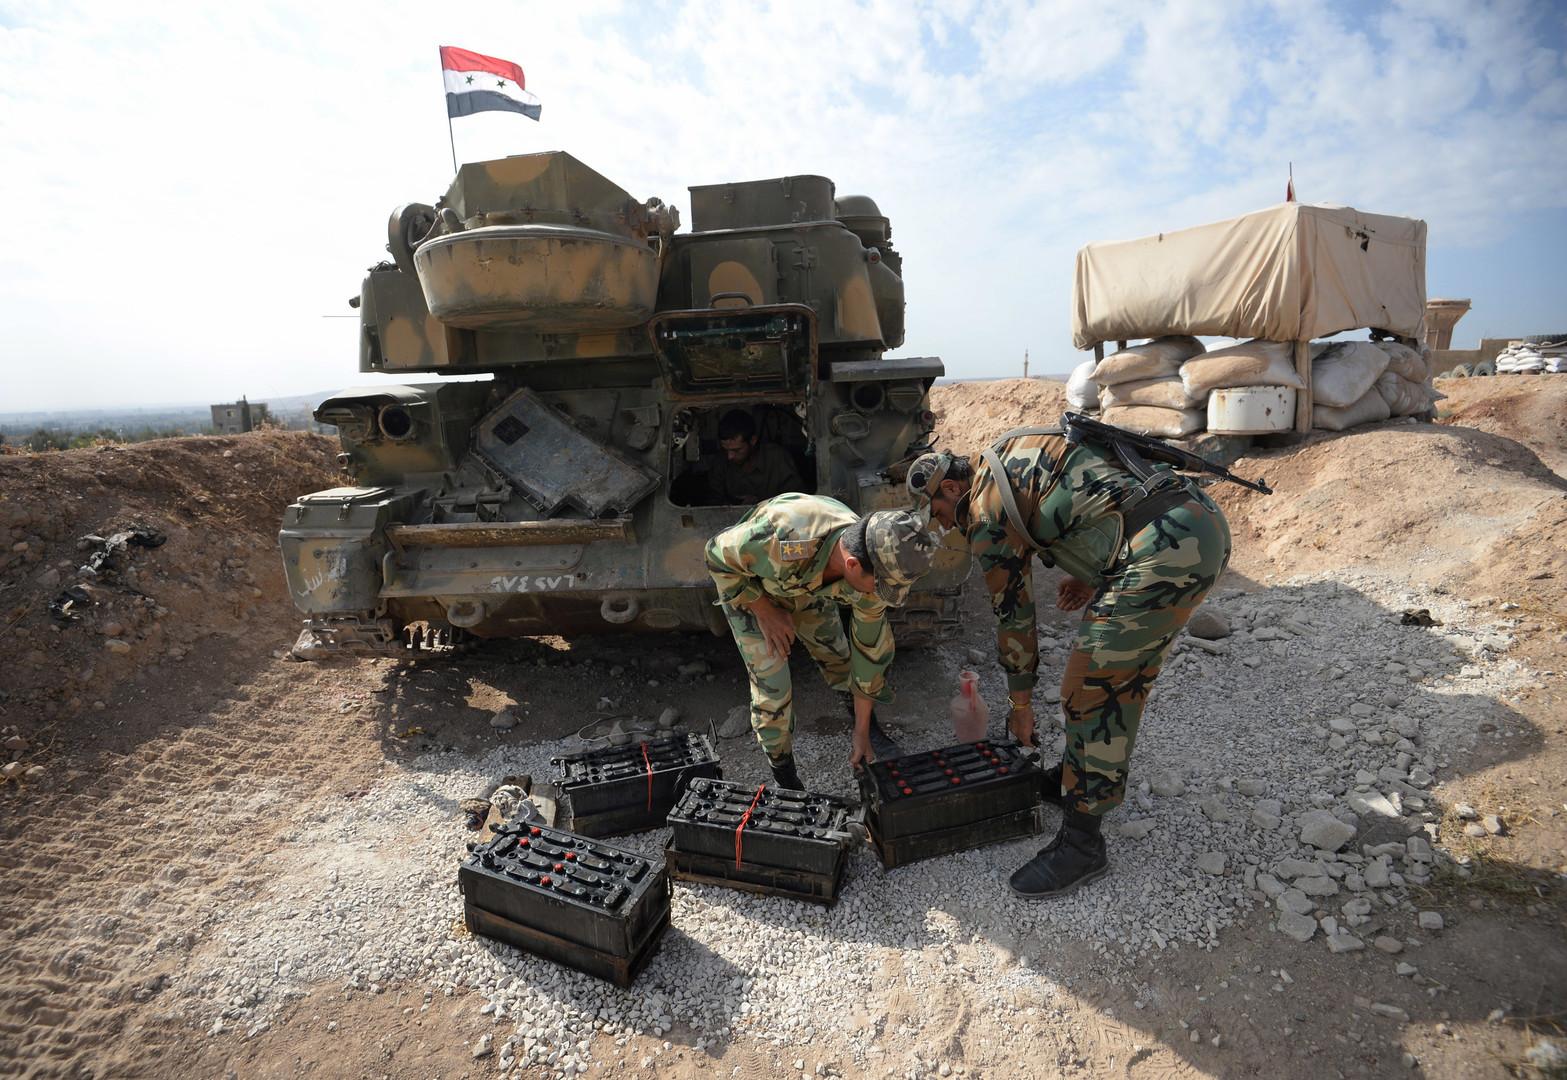 Дональд Трамп отдал приказ о полном выводе американских войск из Сирии